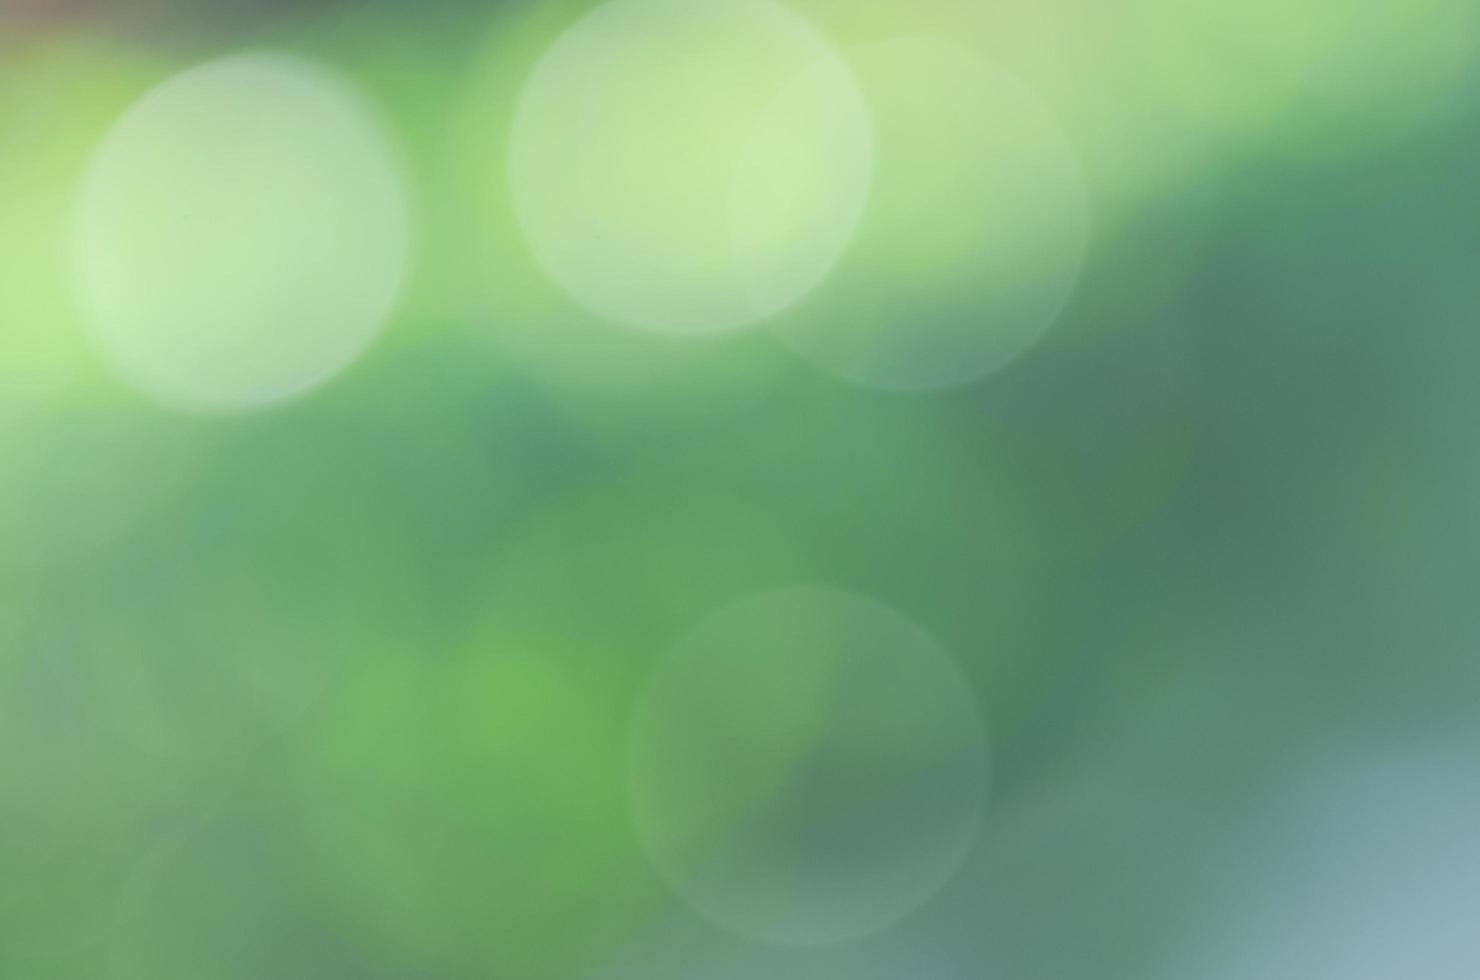 cirkel bokeh solsken på den gröna trädgårdsbakgrunden foto